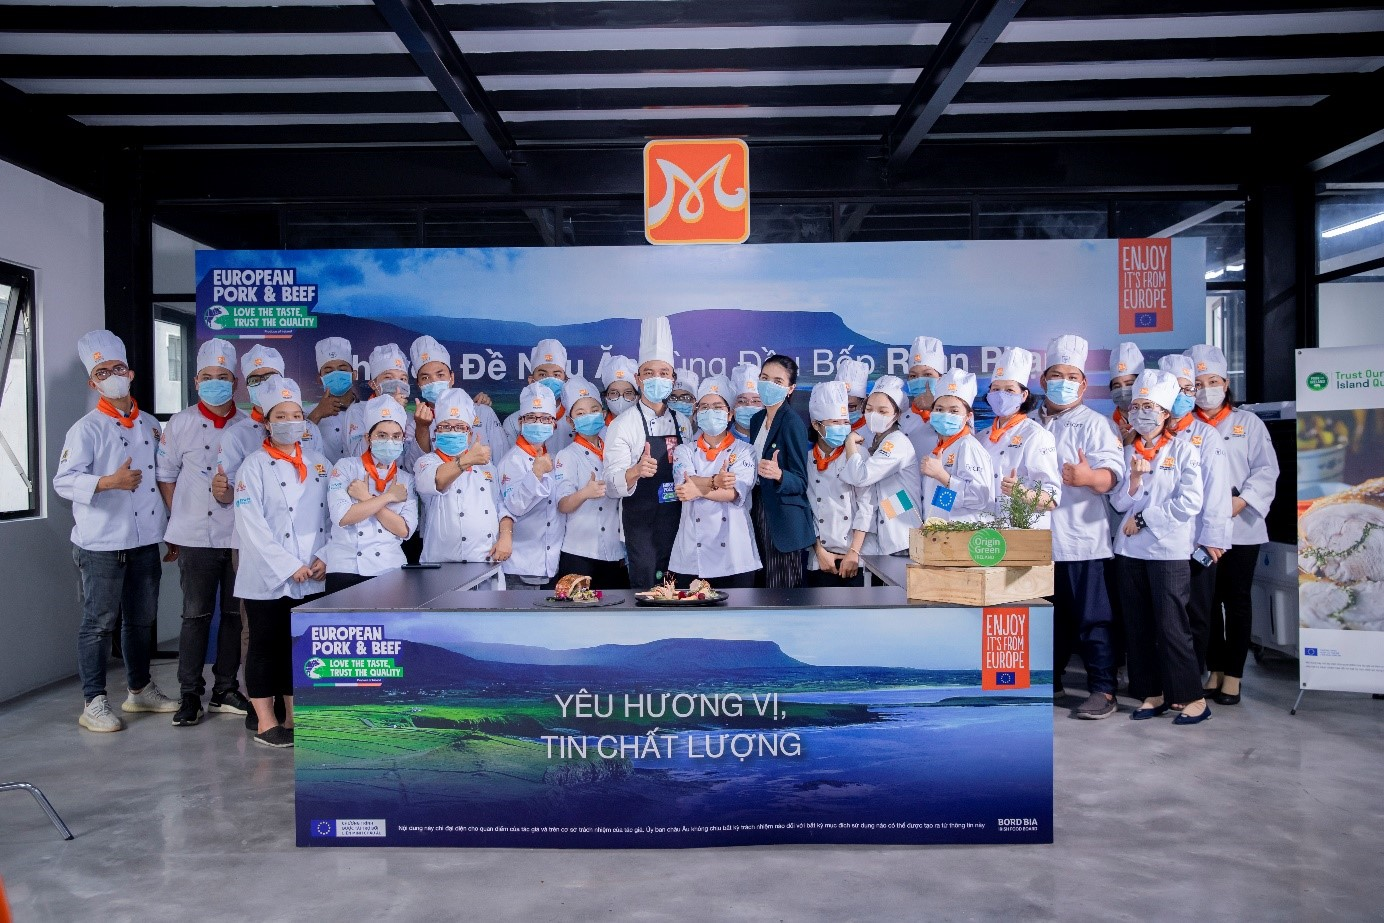 Bord Bia Bord Bia tổ chức lớp học Chuyên đề nấu ăn thịt heo Châu Âu